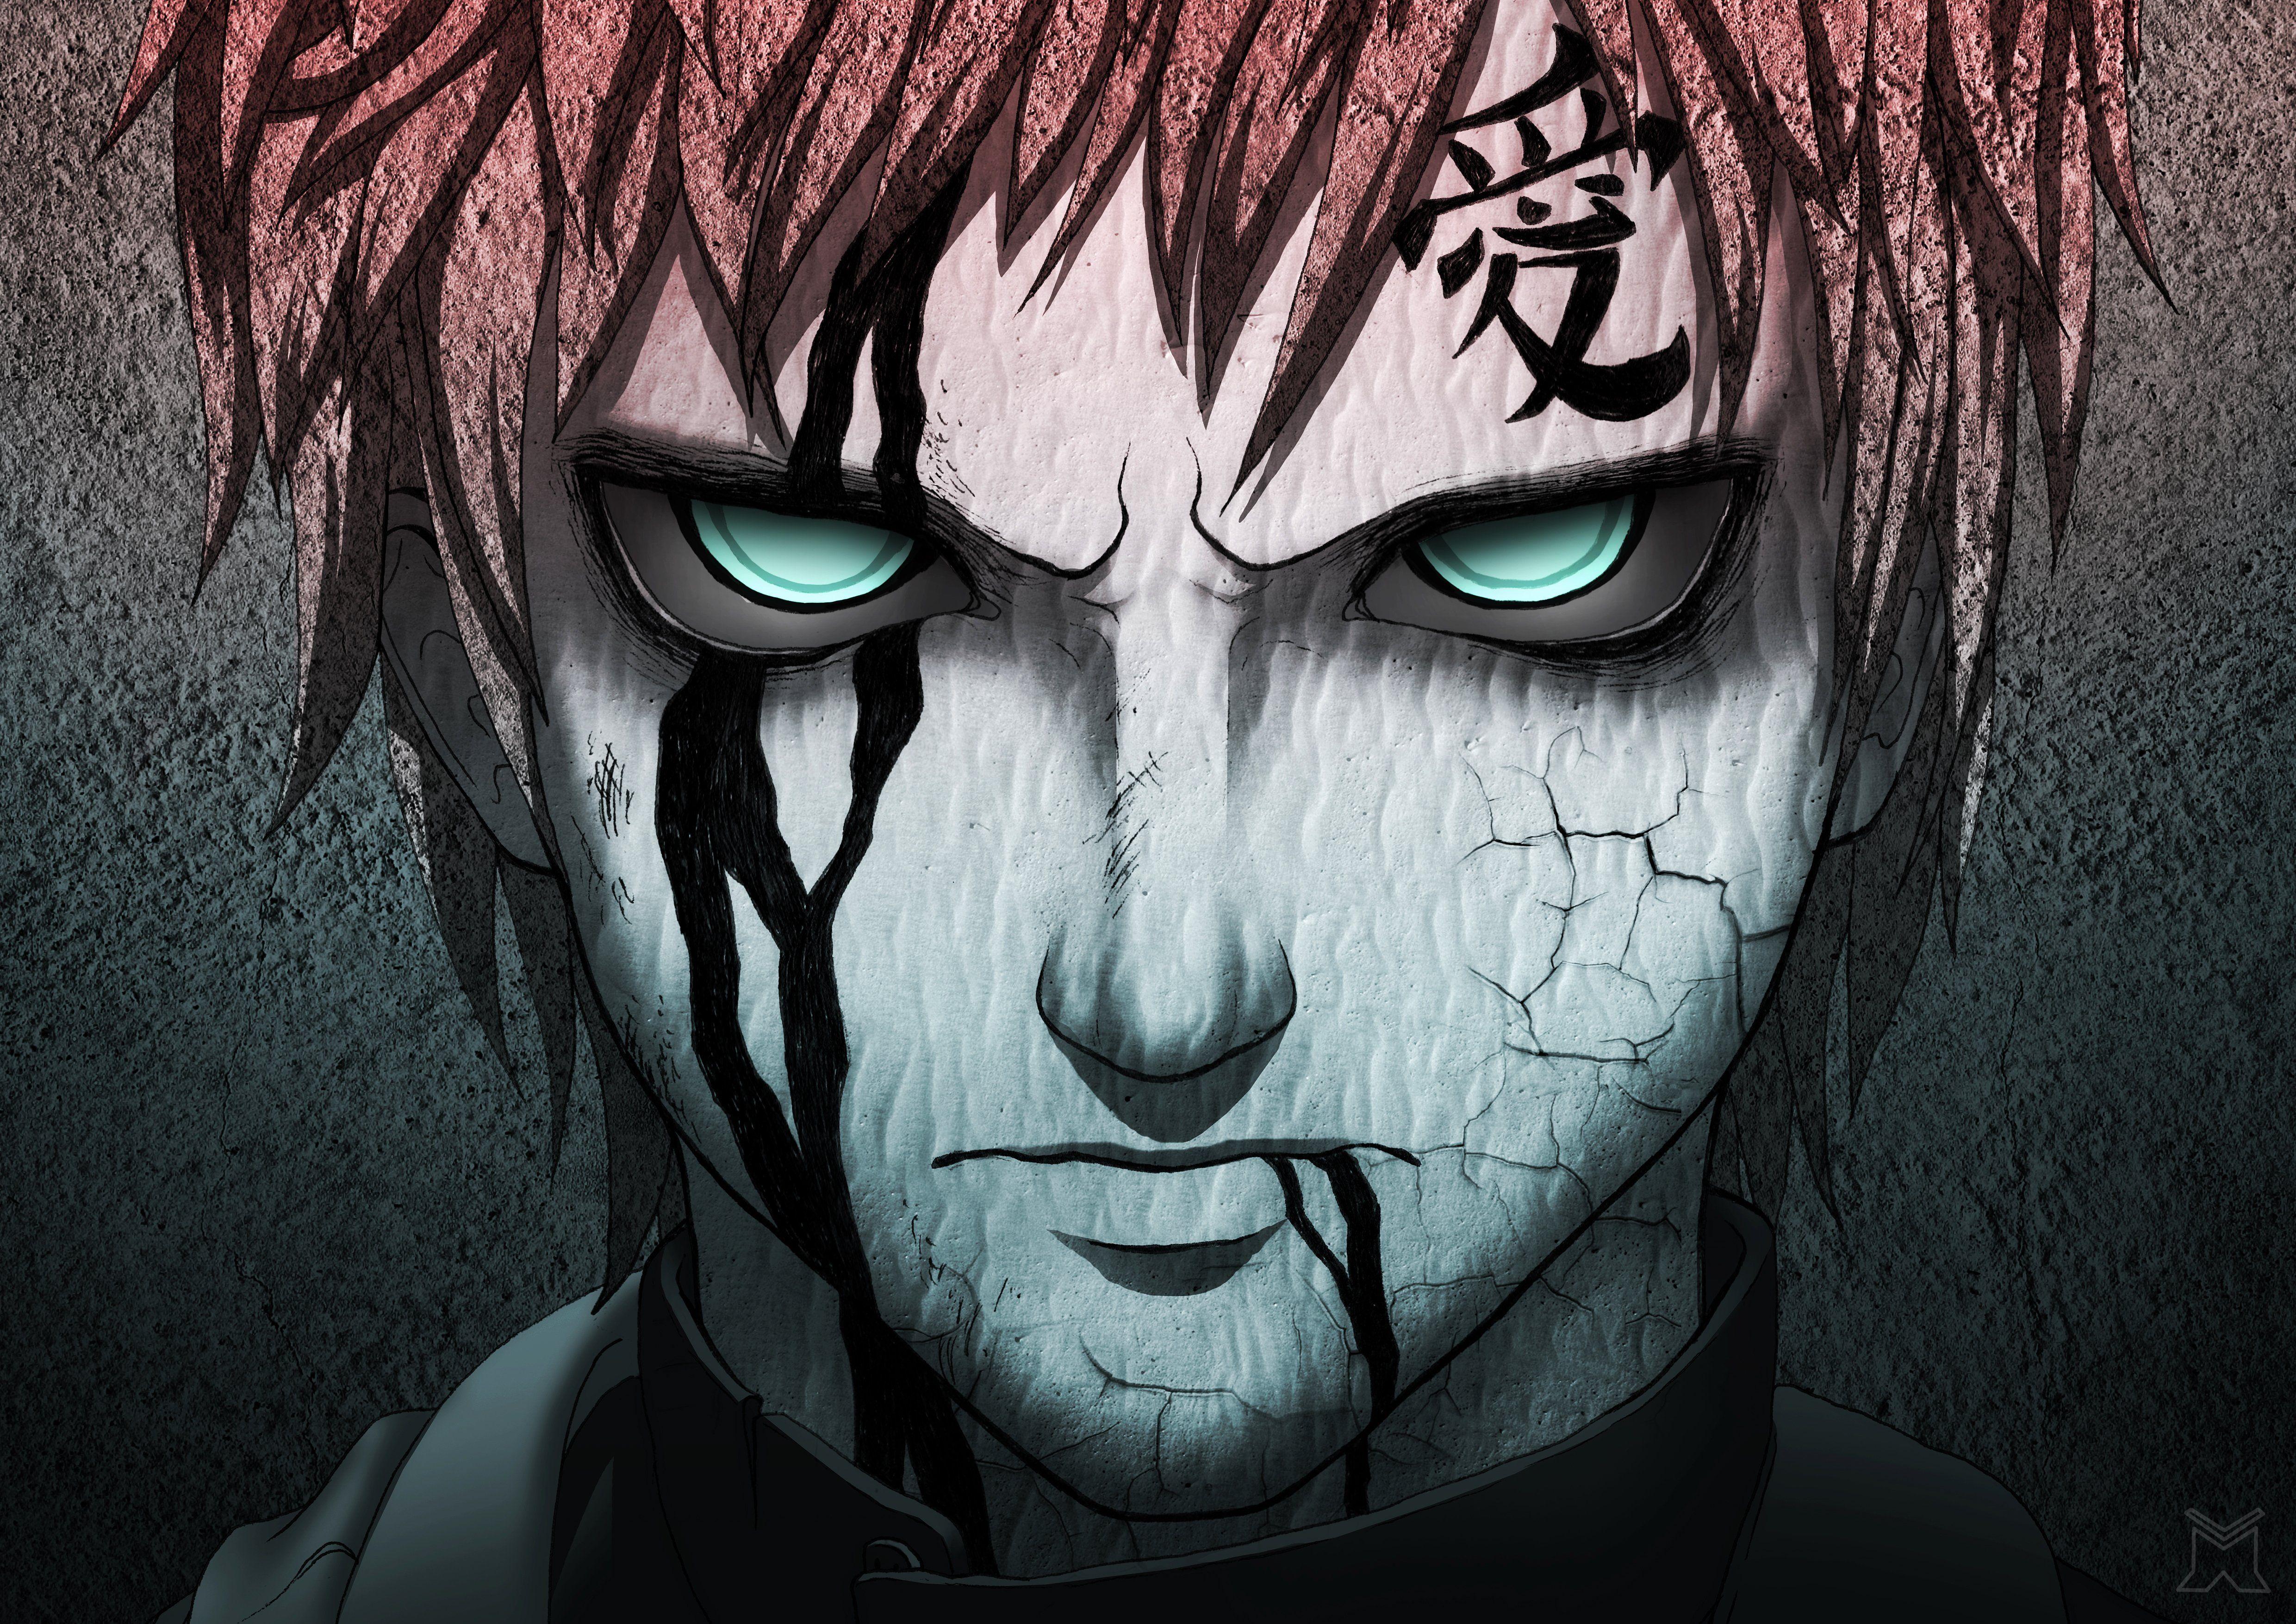 Naruto Game Gara Anime Manga Artwork Naruto Game Gara Anime Manga Artwork  is an HD desktop wallpaper posted in … | Naruto gaara, Gaara, Wallpaper  naruto shippuden